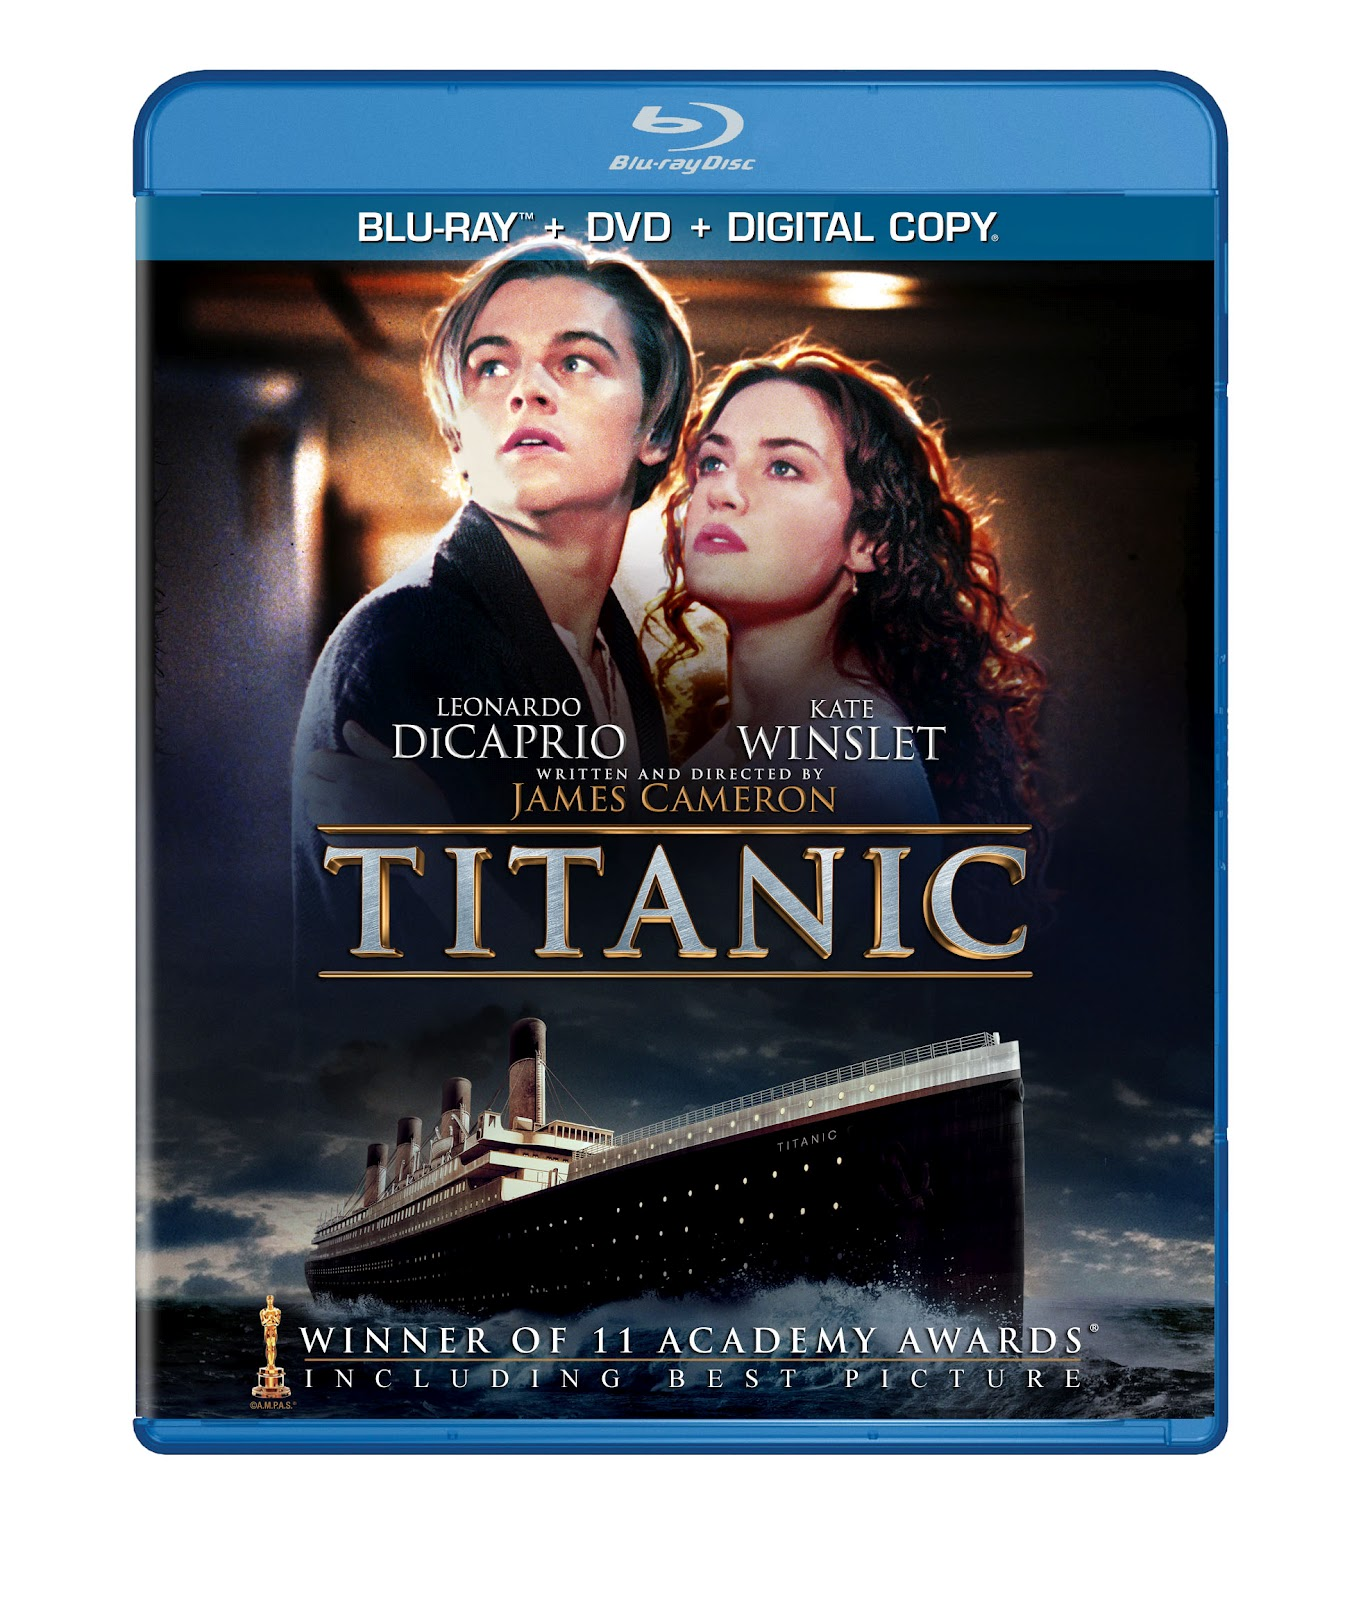 Titanic Bluray